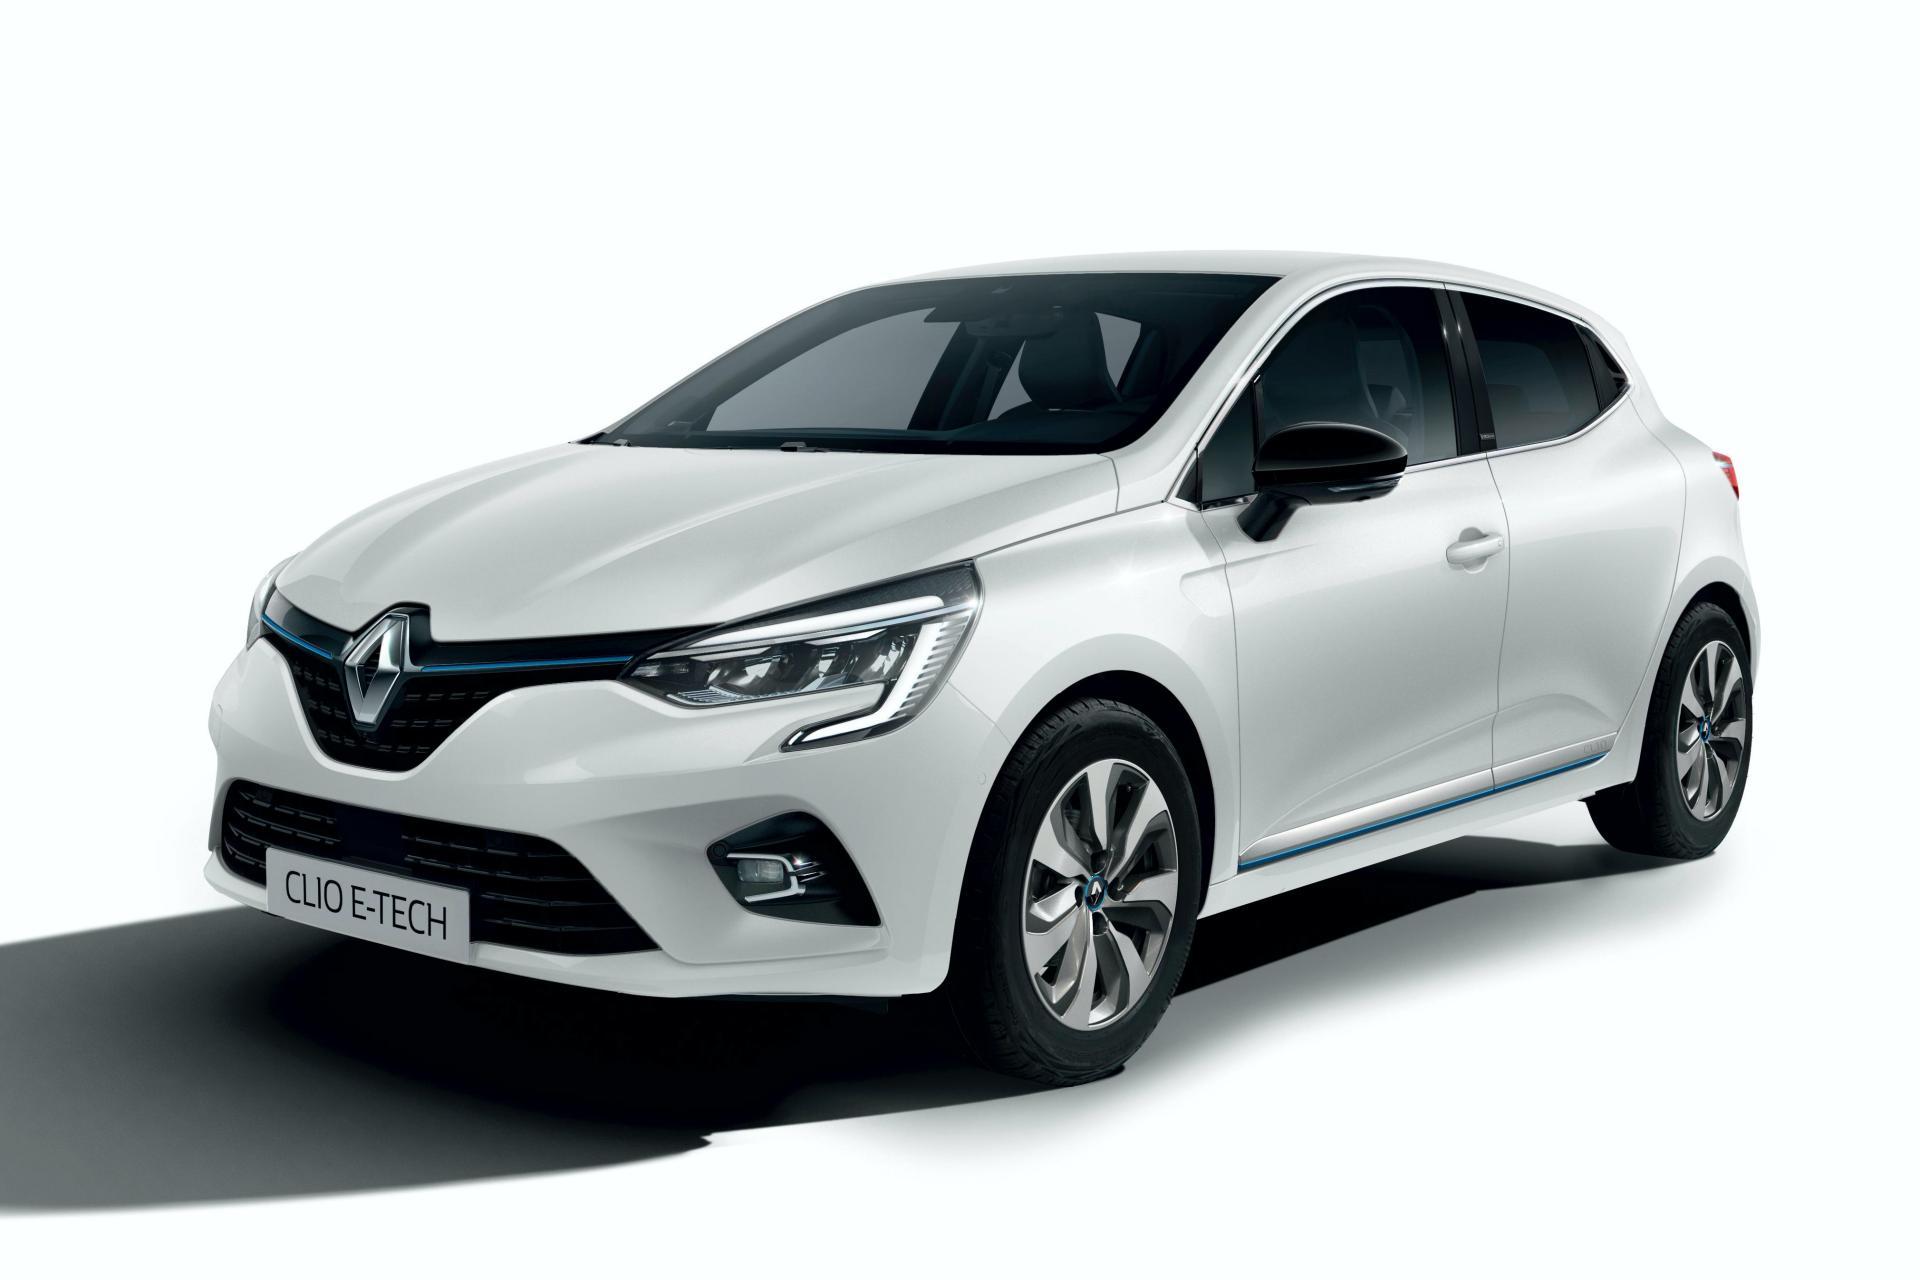 2020-Renault-Clio-E-Tech-hybrid-2